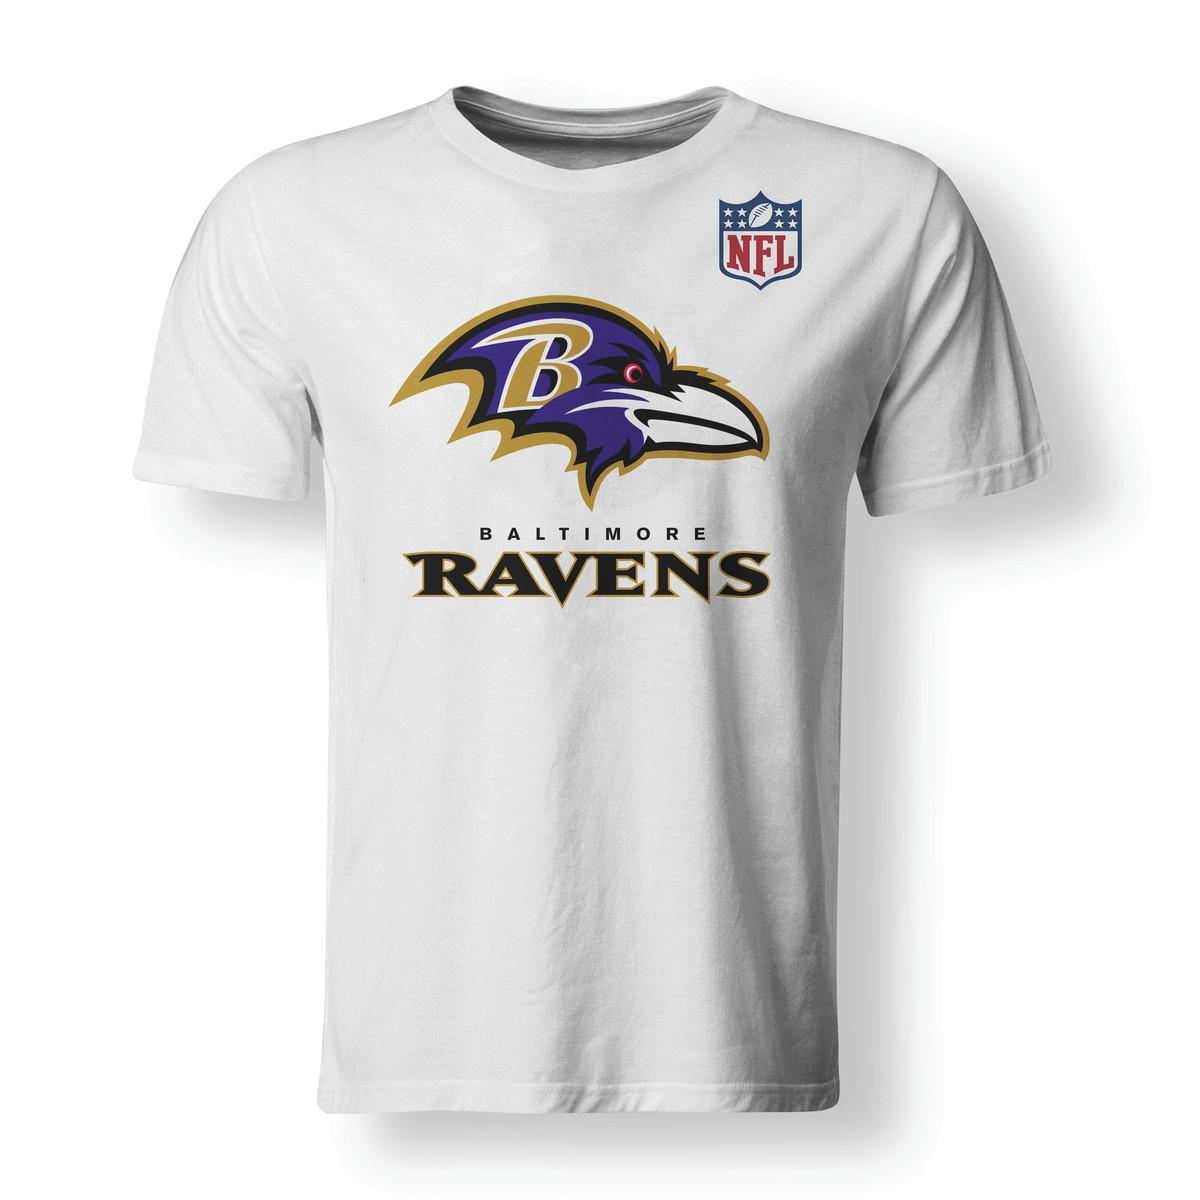 9a8ba3963 Camiseta Baltimore Ravens NFL - A3 no Elo7